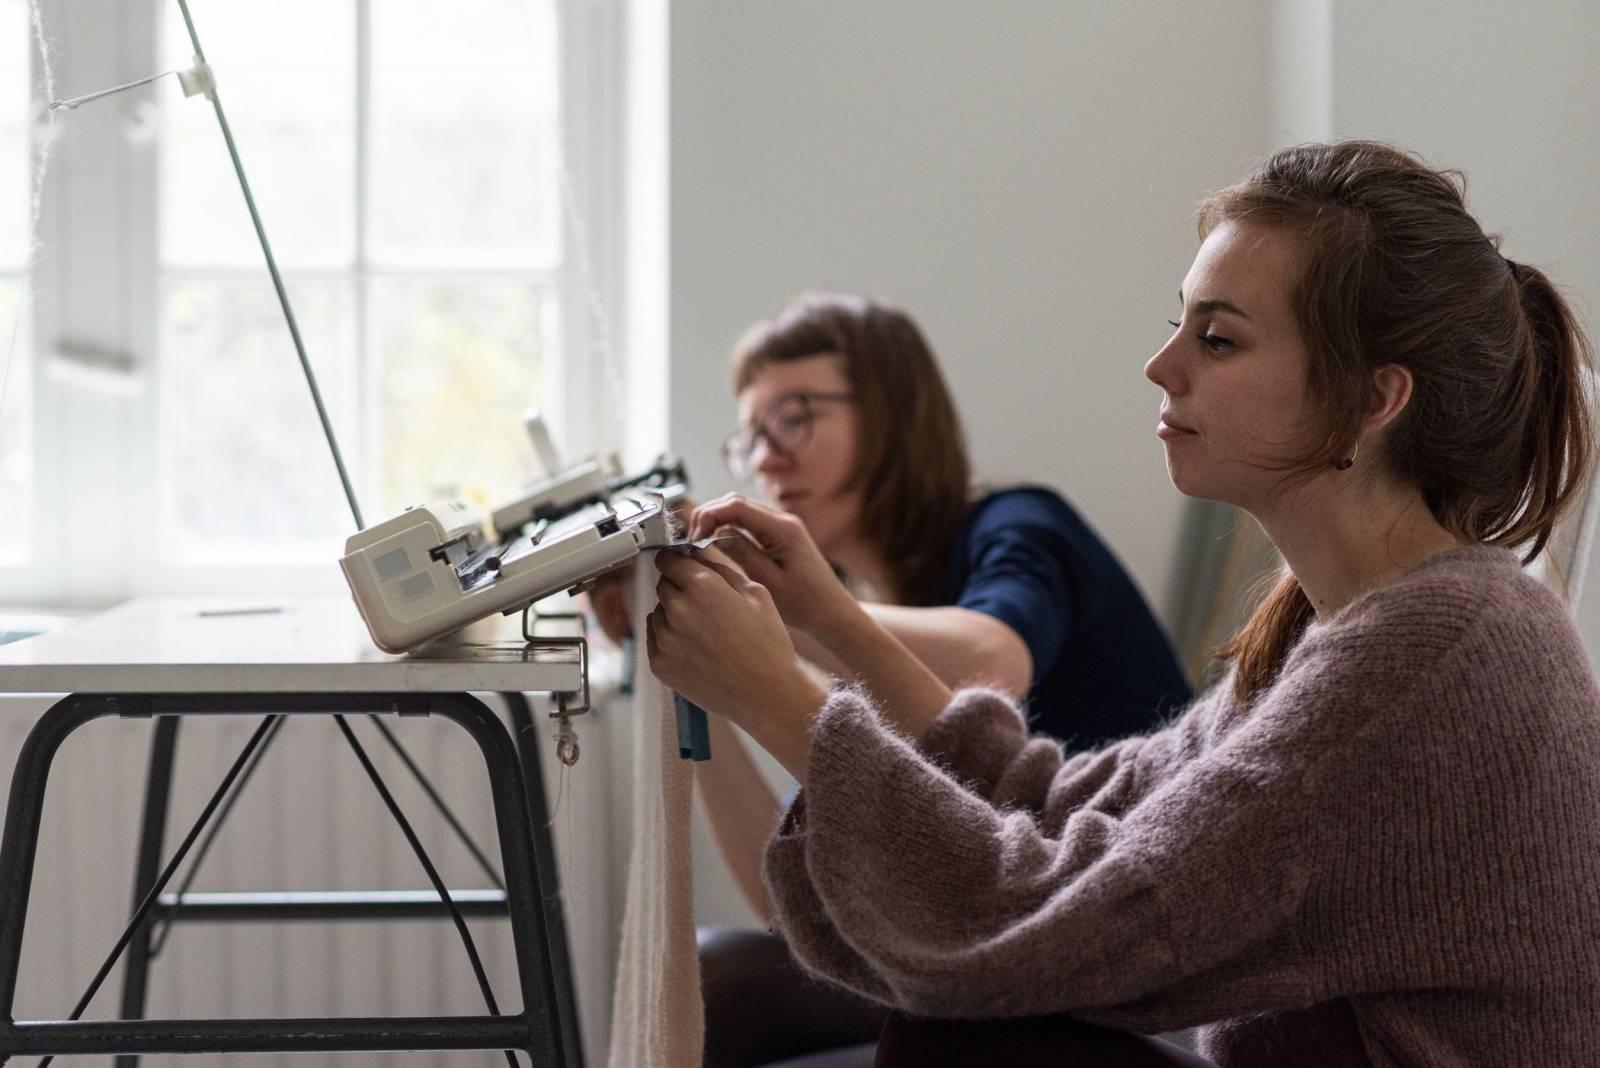 Lotte Van Huyck - Bridal Knitwear - Sjaals - Bridal workshop - Vrijgezellen activiteit - House of Weddings - 21